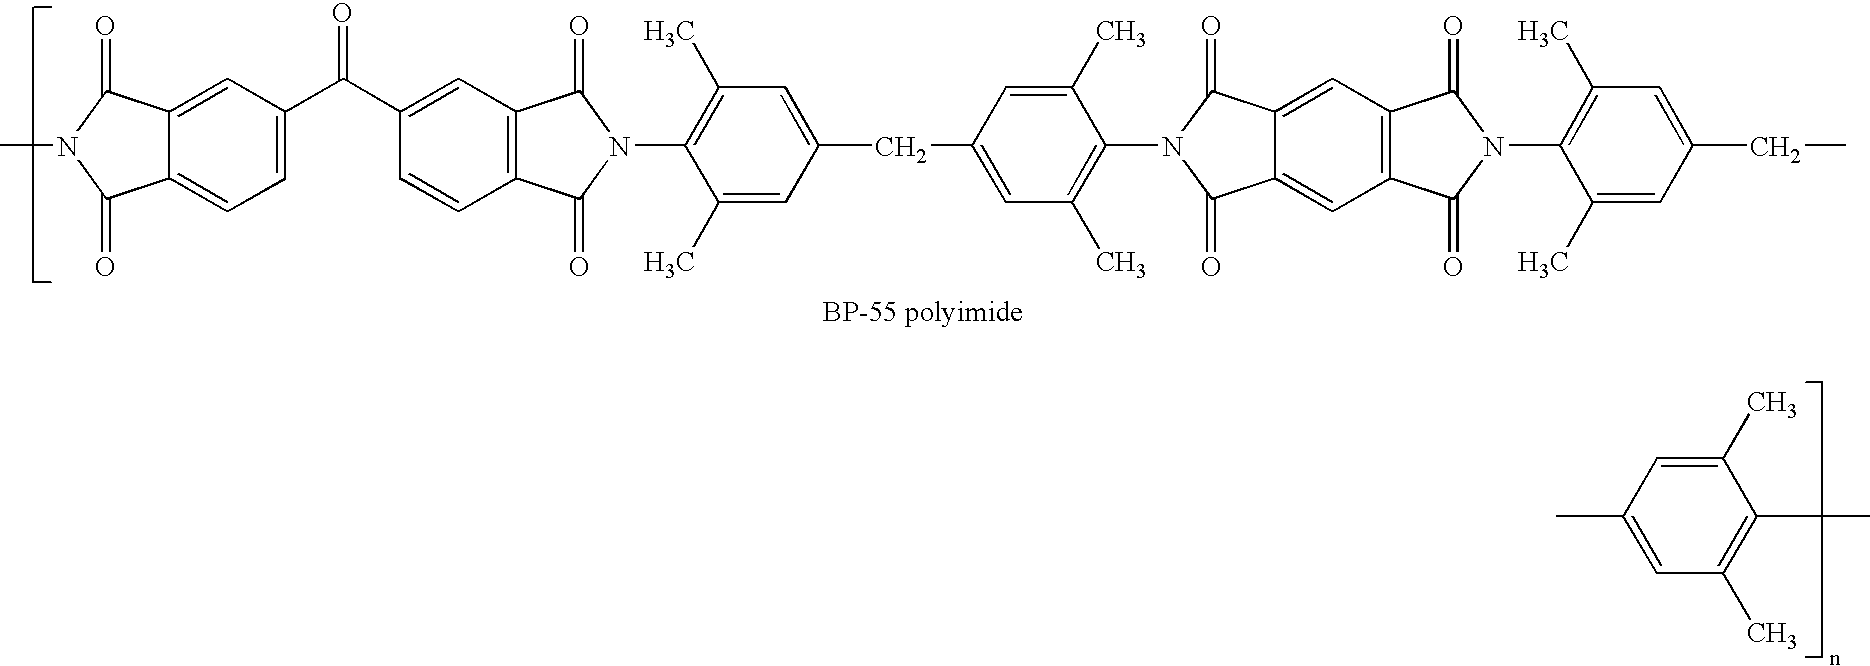 Figure US07485173-20090203-C00001